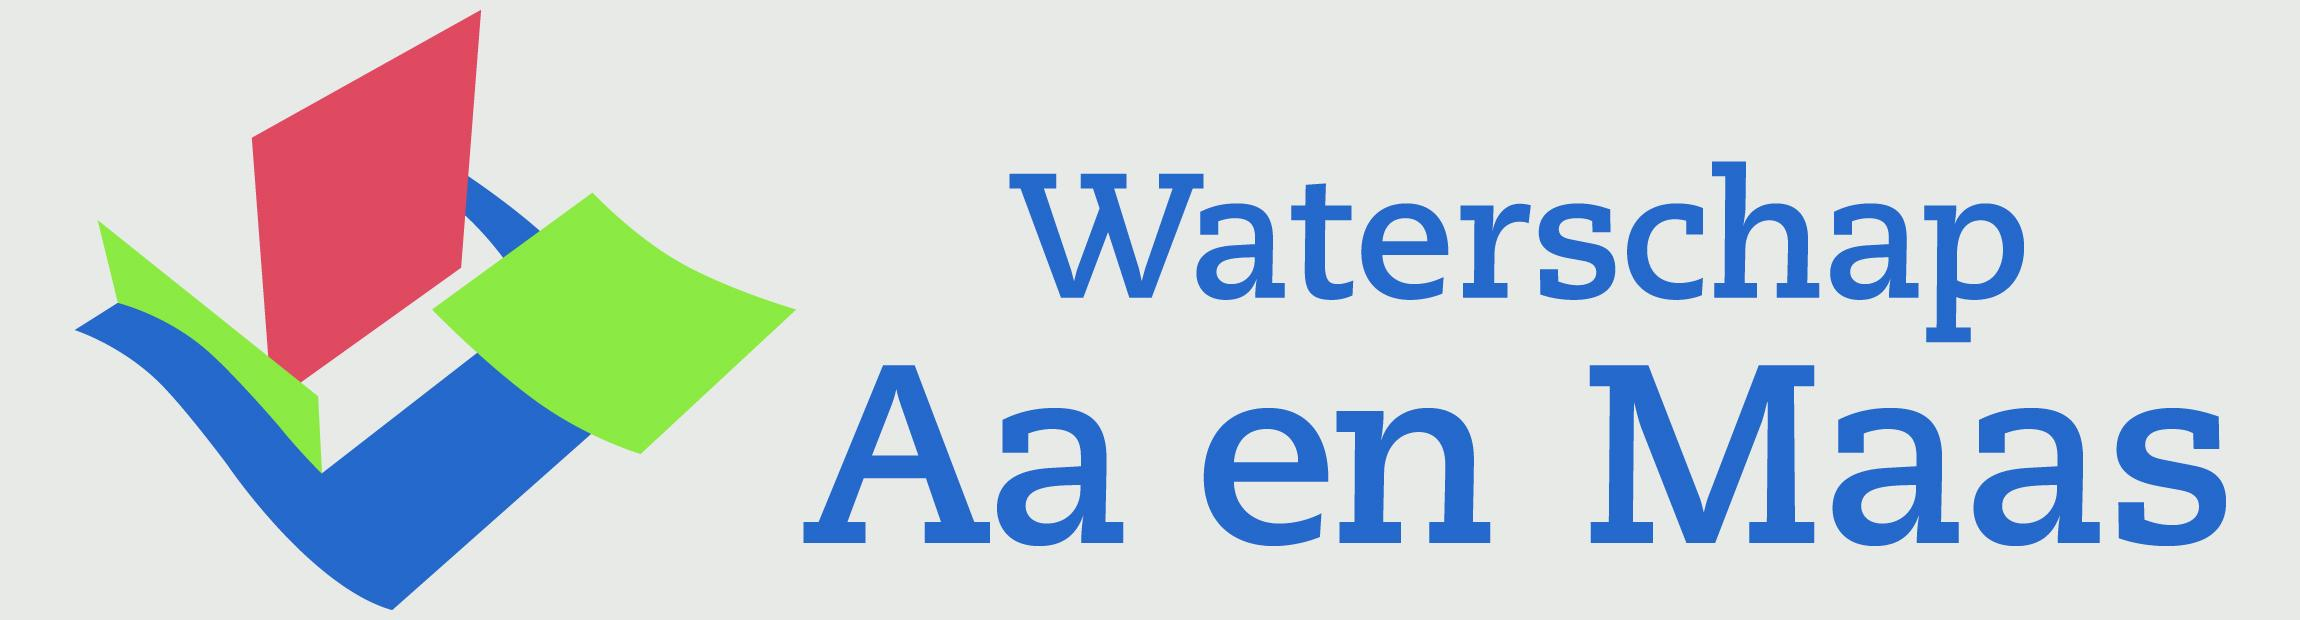 Aa en Maas Waterschap